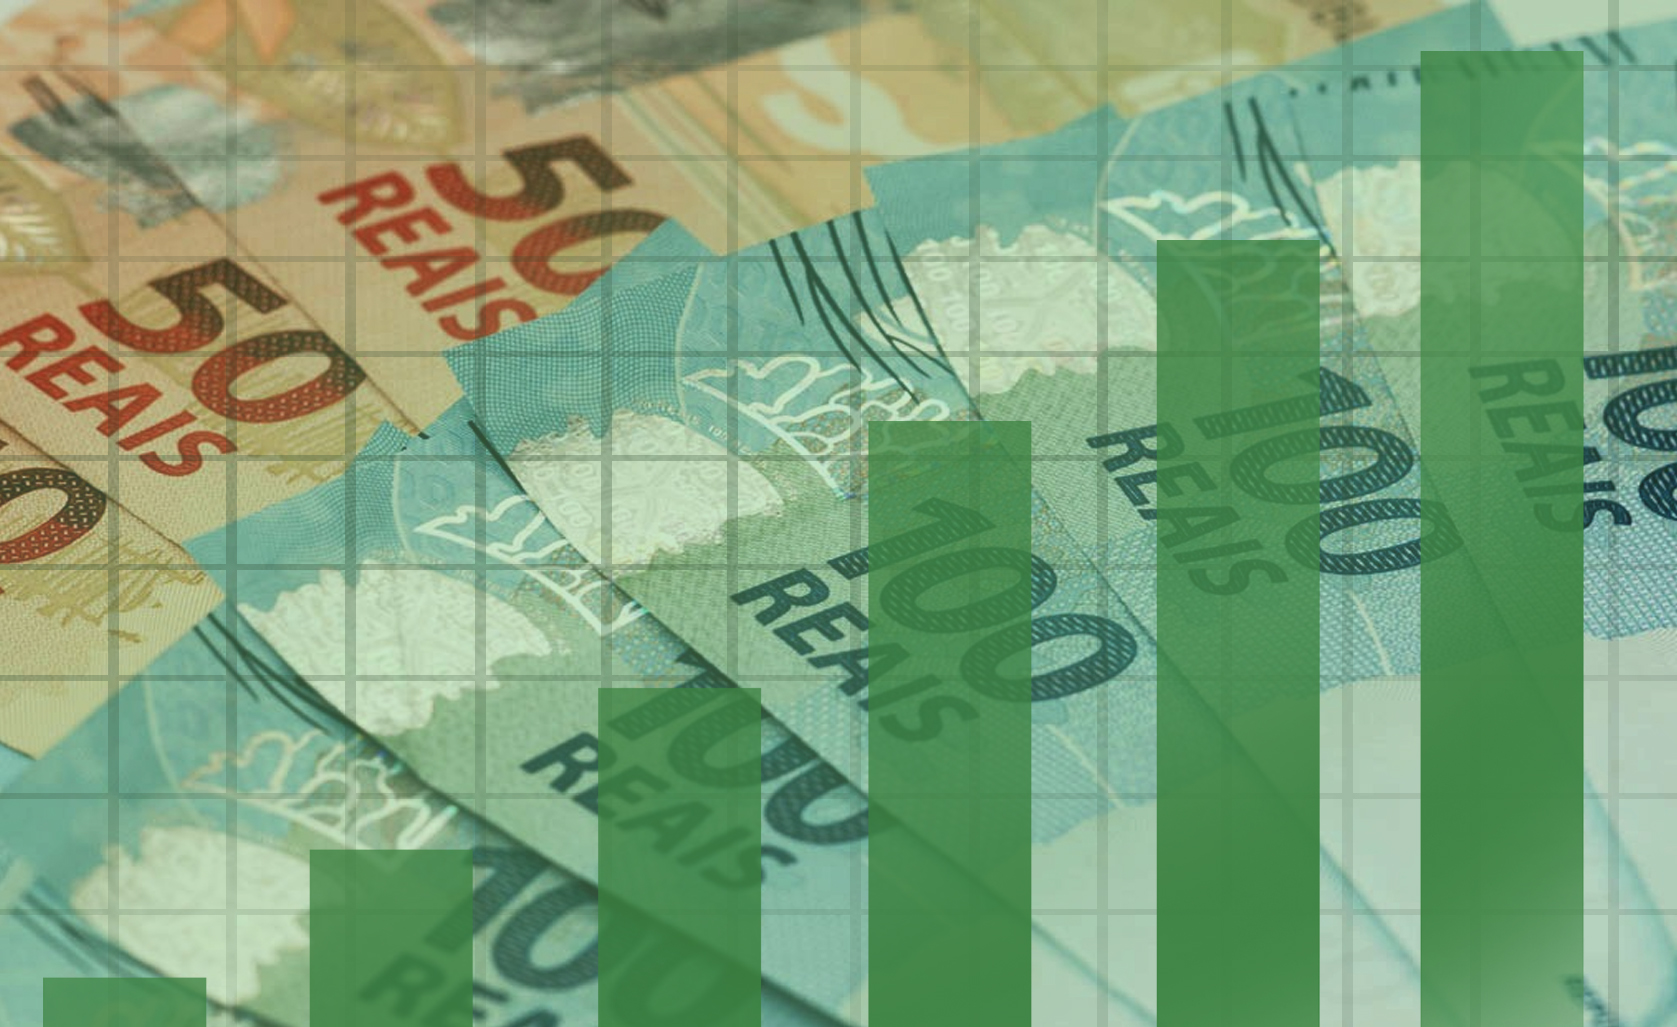 Brasileiros esperam inflação de 5,4% nos próximos 12 meses, segundo FGV